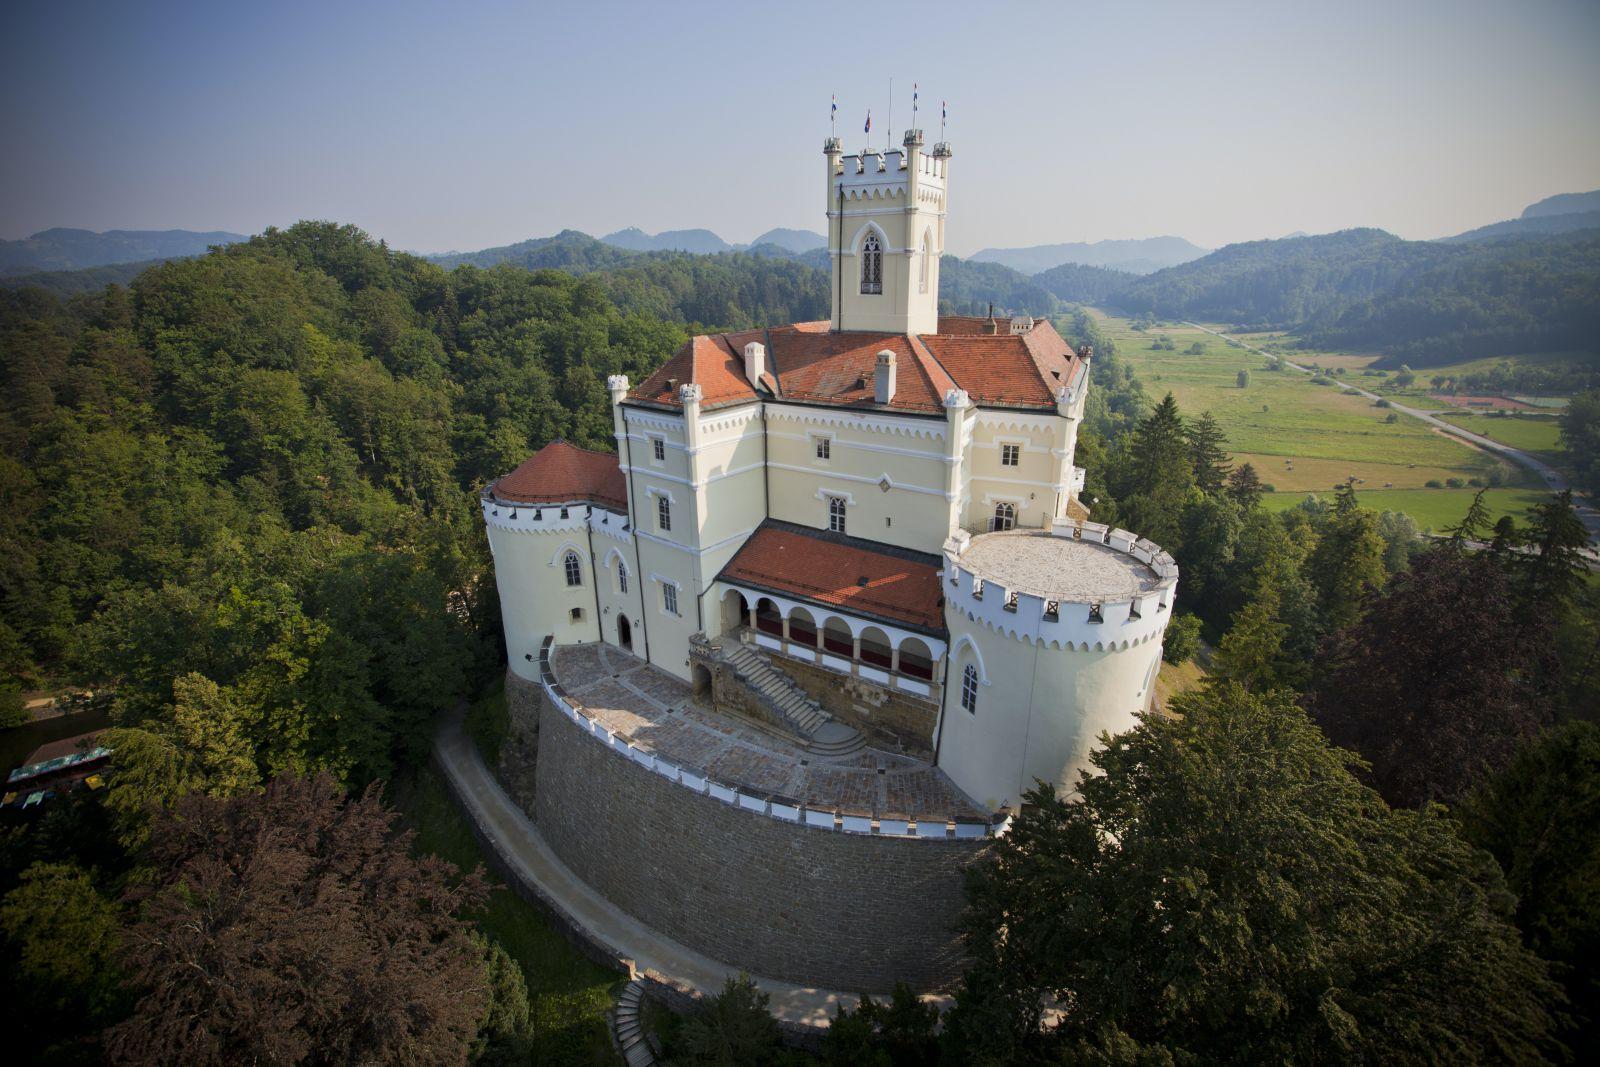 Trakošćan castle, Croatia, photo credit by Trakošćan museum